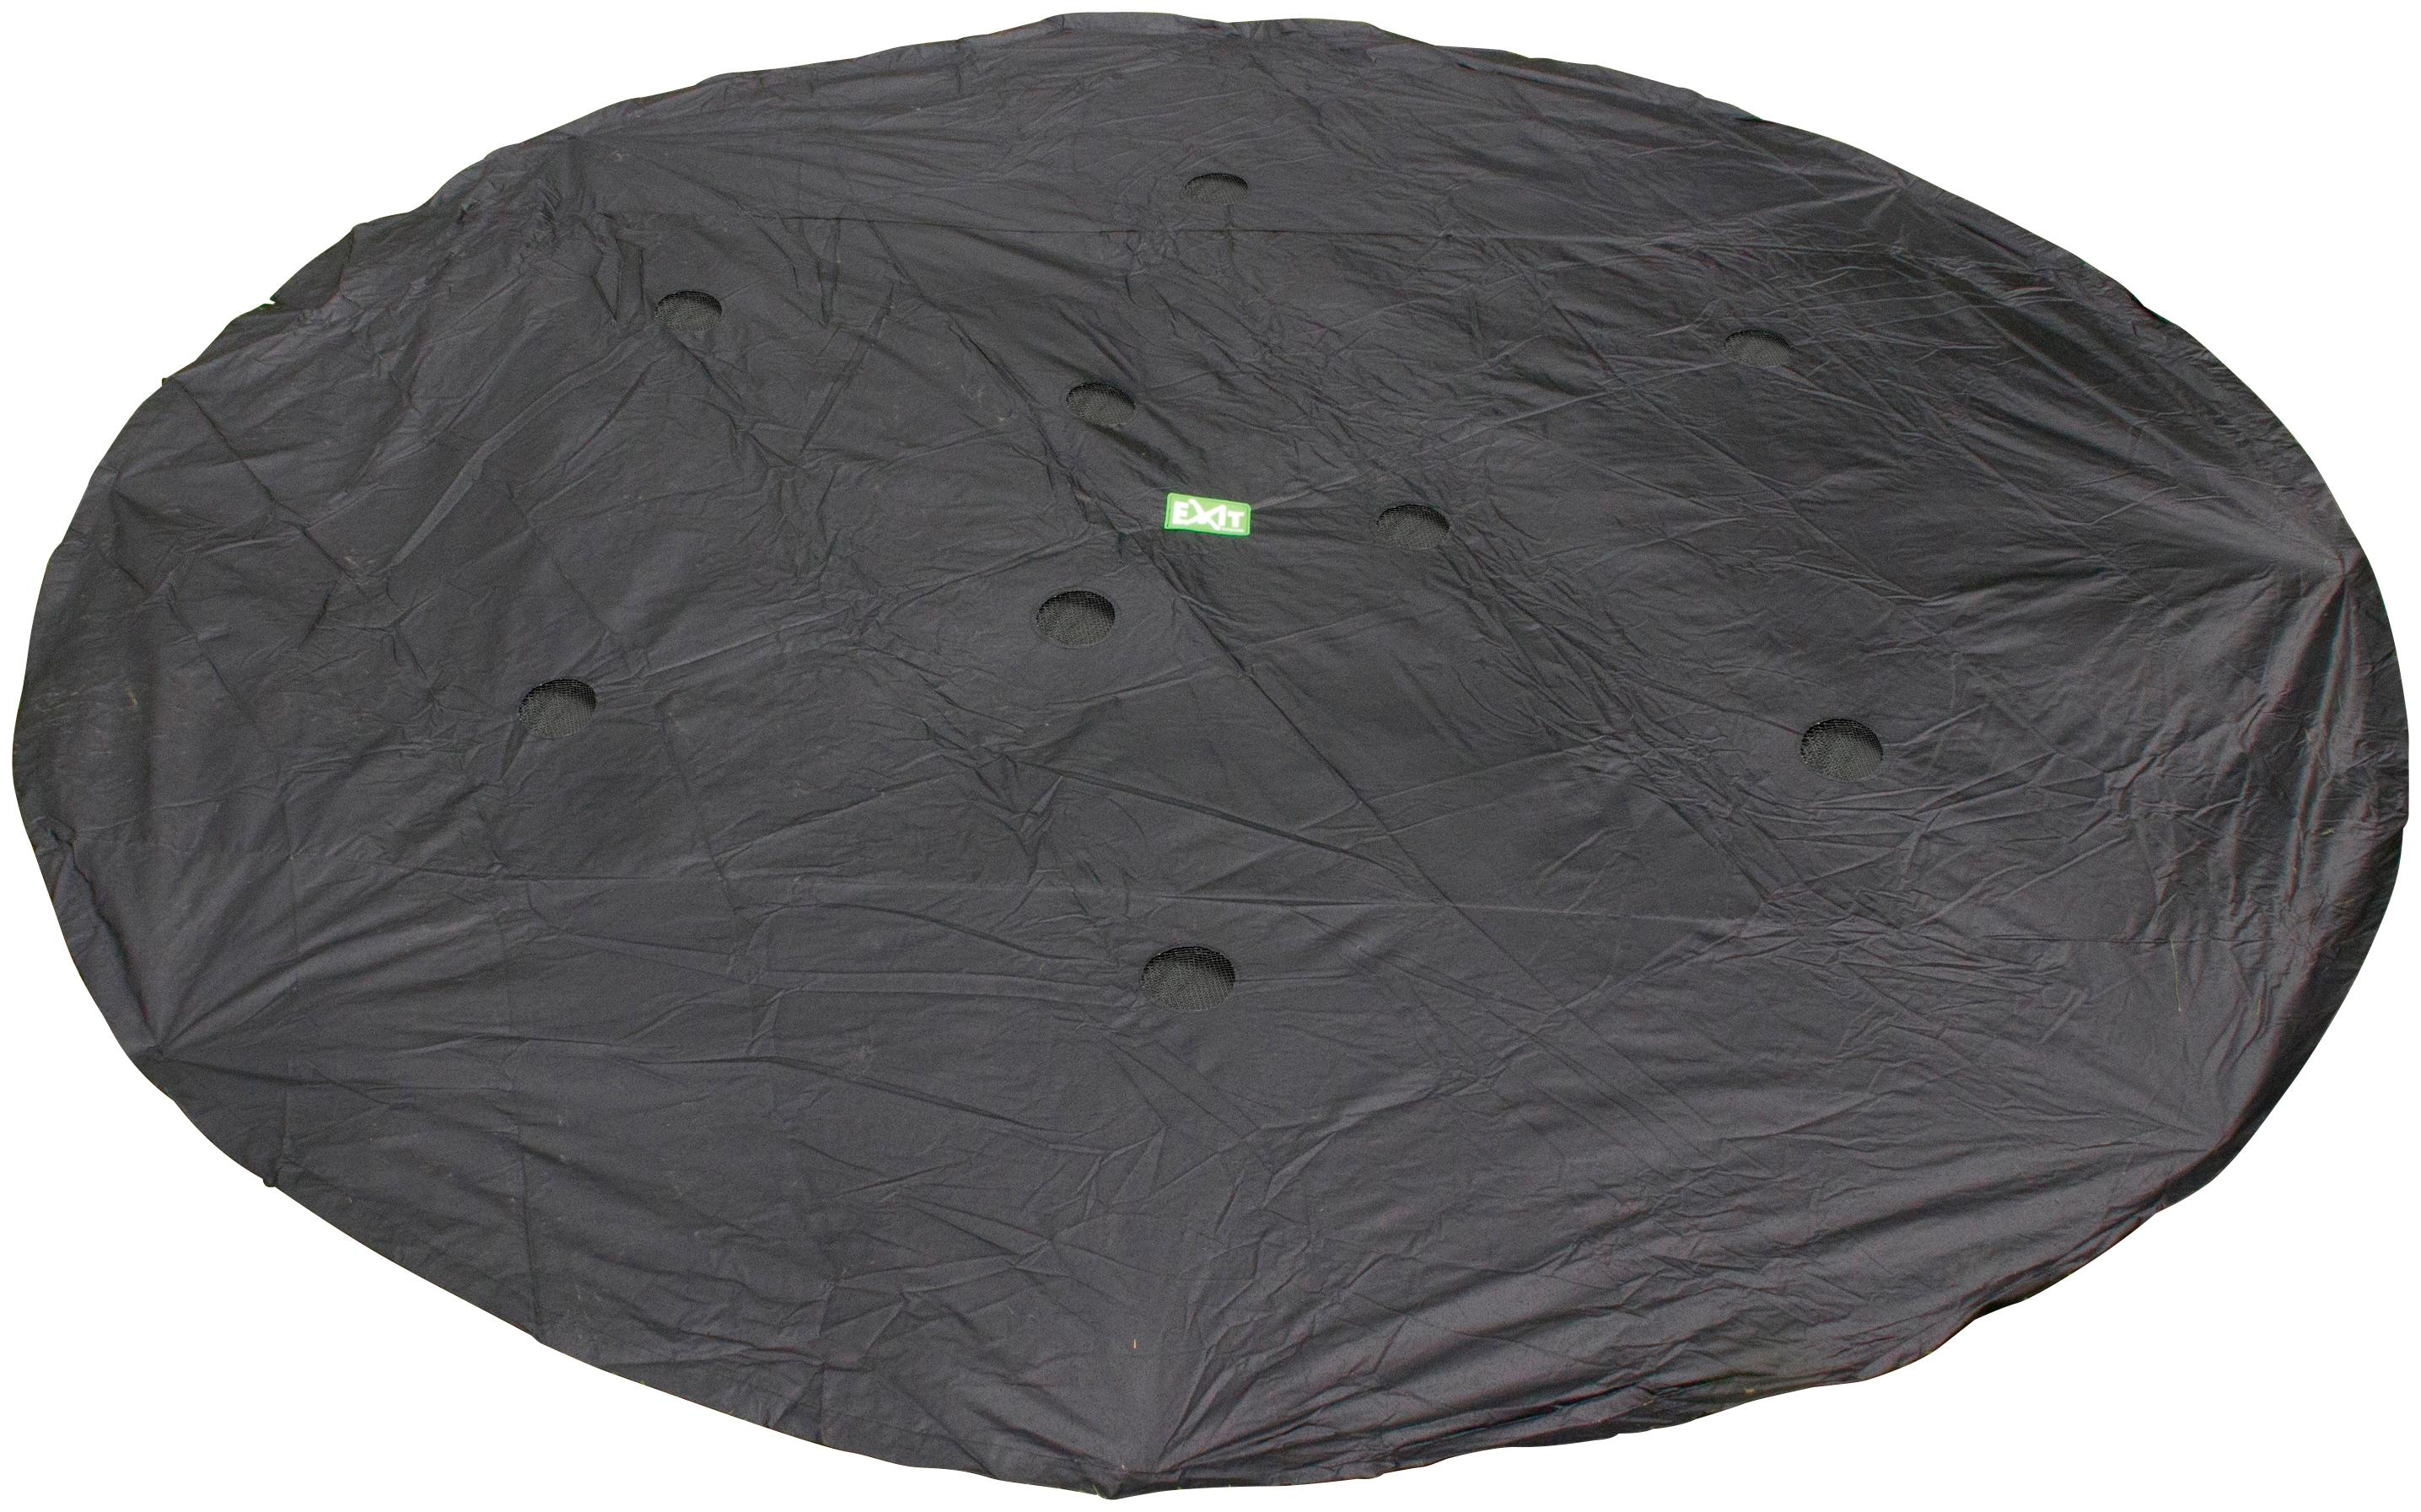 EXIT Trampolin-Abdeckplane, ø: 427 cm, für Trampolin Supreme Ground Level rund schwarz Kinder Exit Trampolin-Abdeckplane